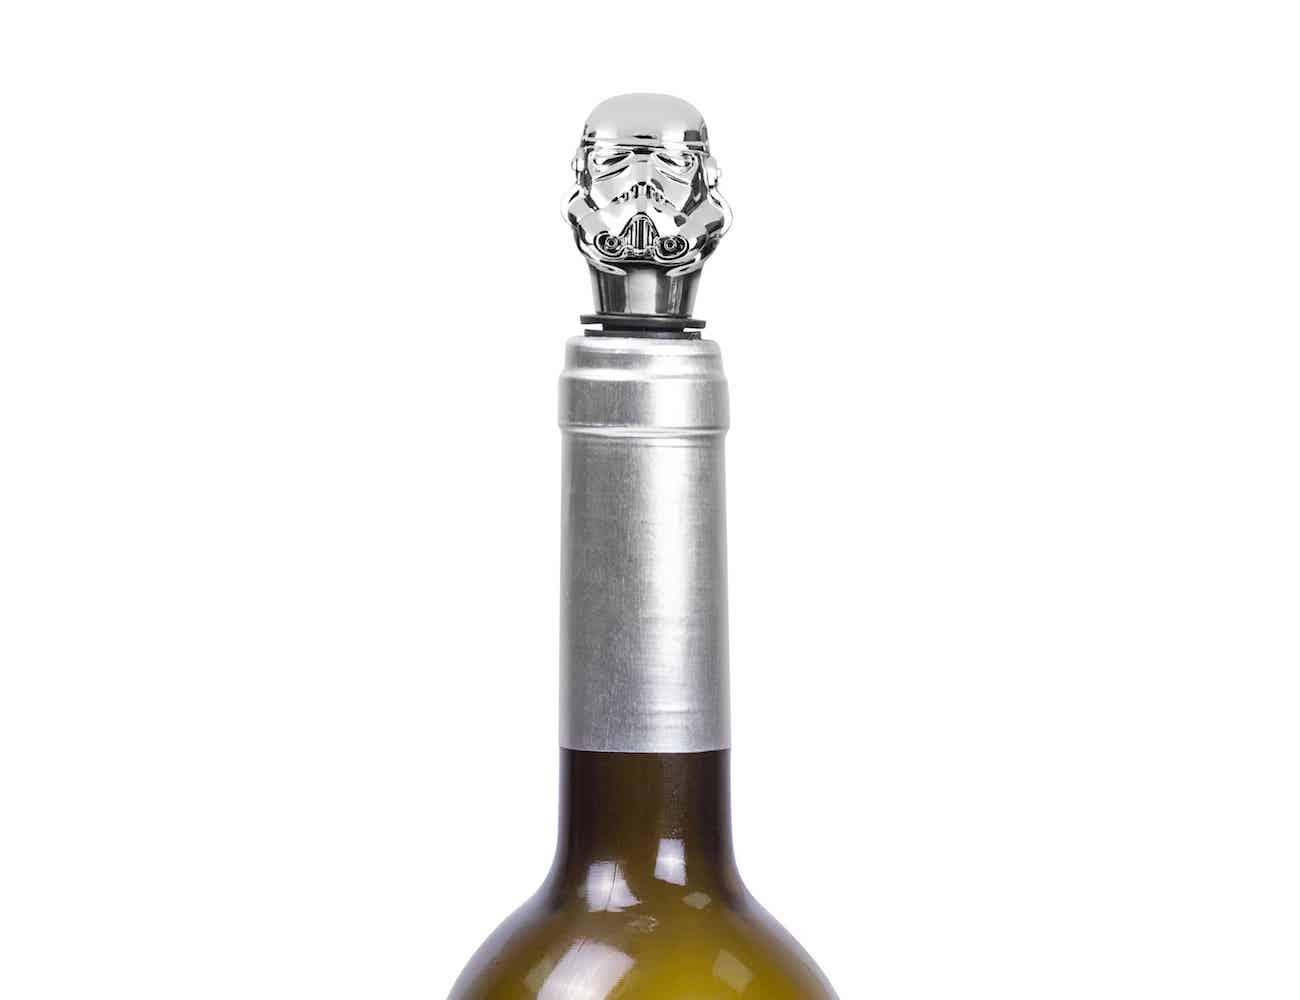 Star Wars Stormtrooper Wine Bottle Stopper